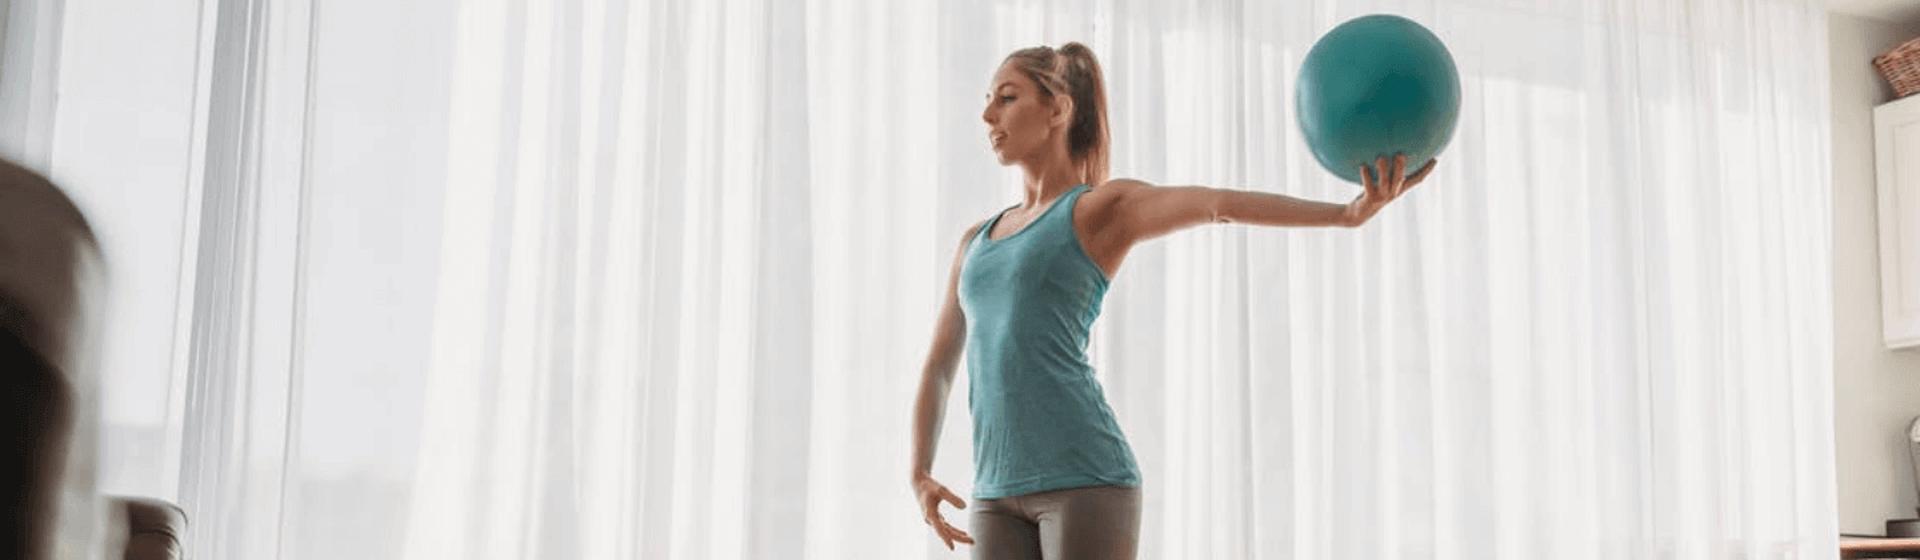 ¿Qué es la kinesfera y cuál es su importancia en la danza? Sácale provecho a los espacios